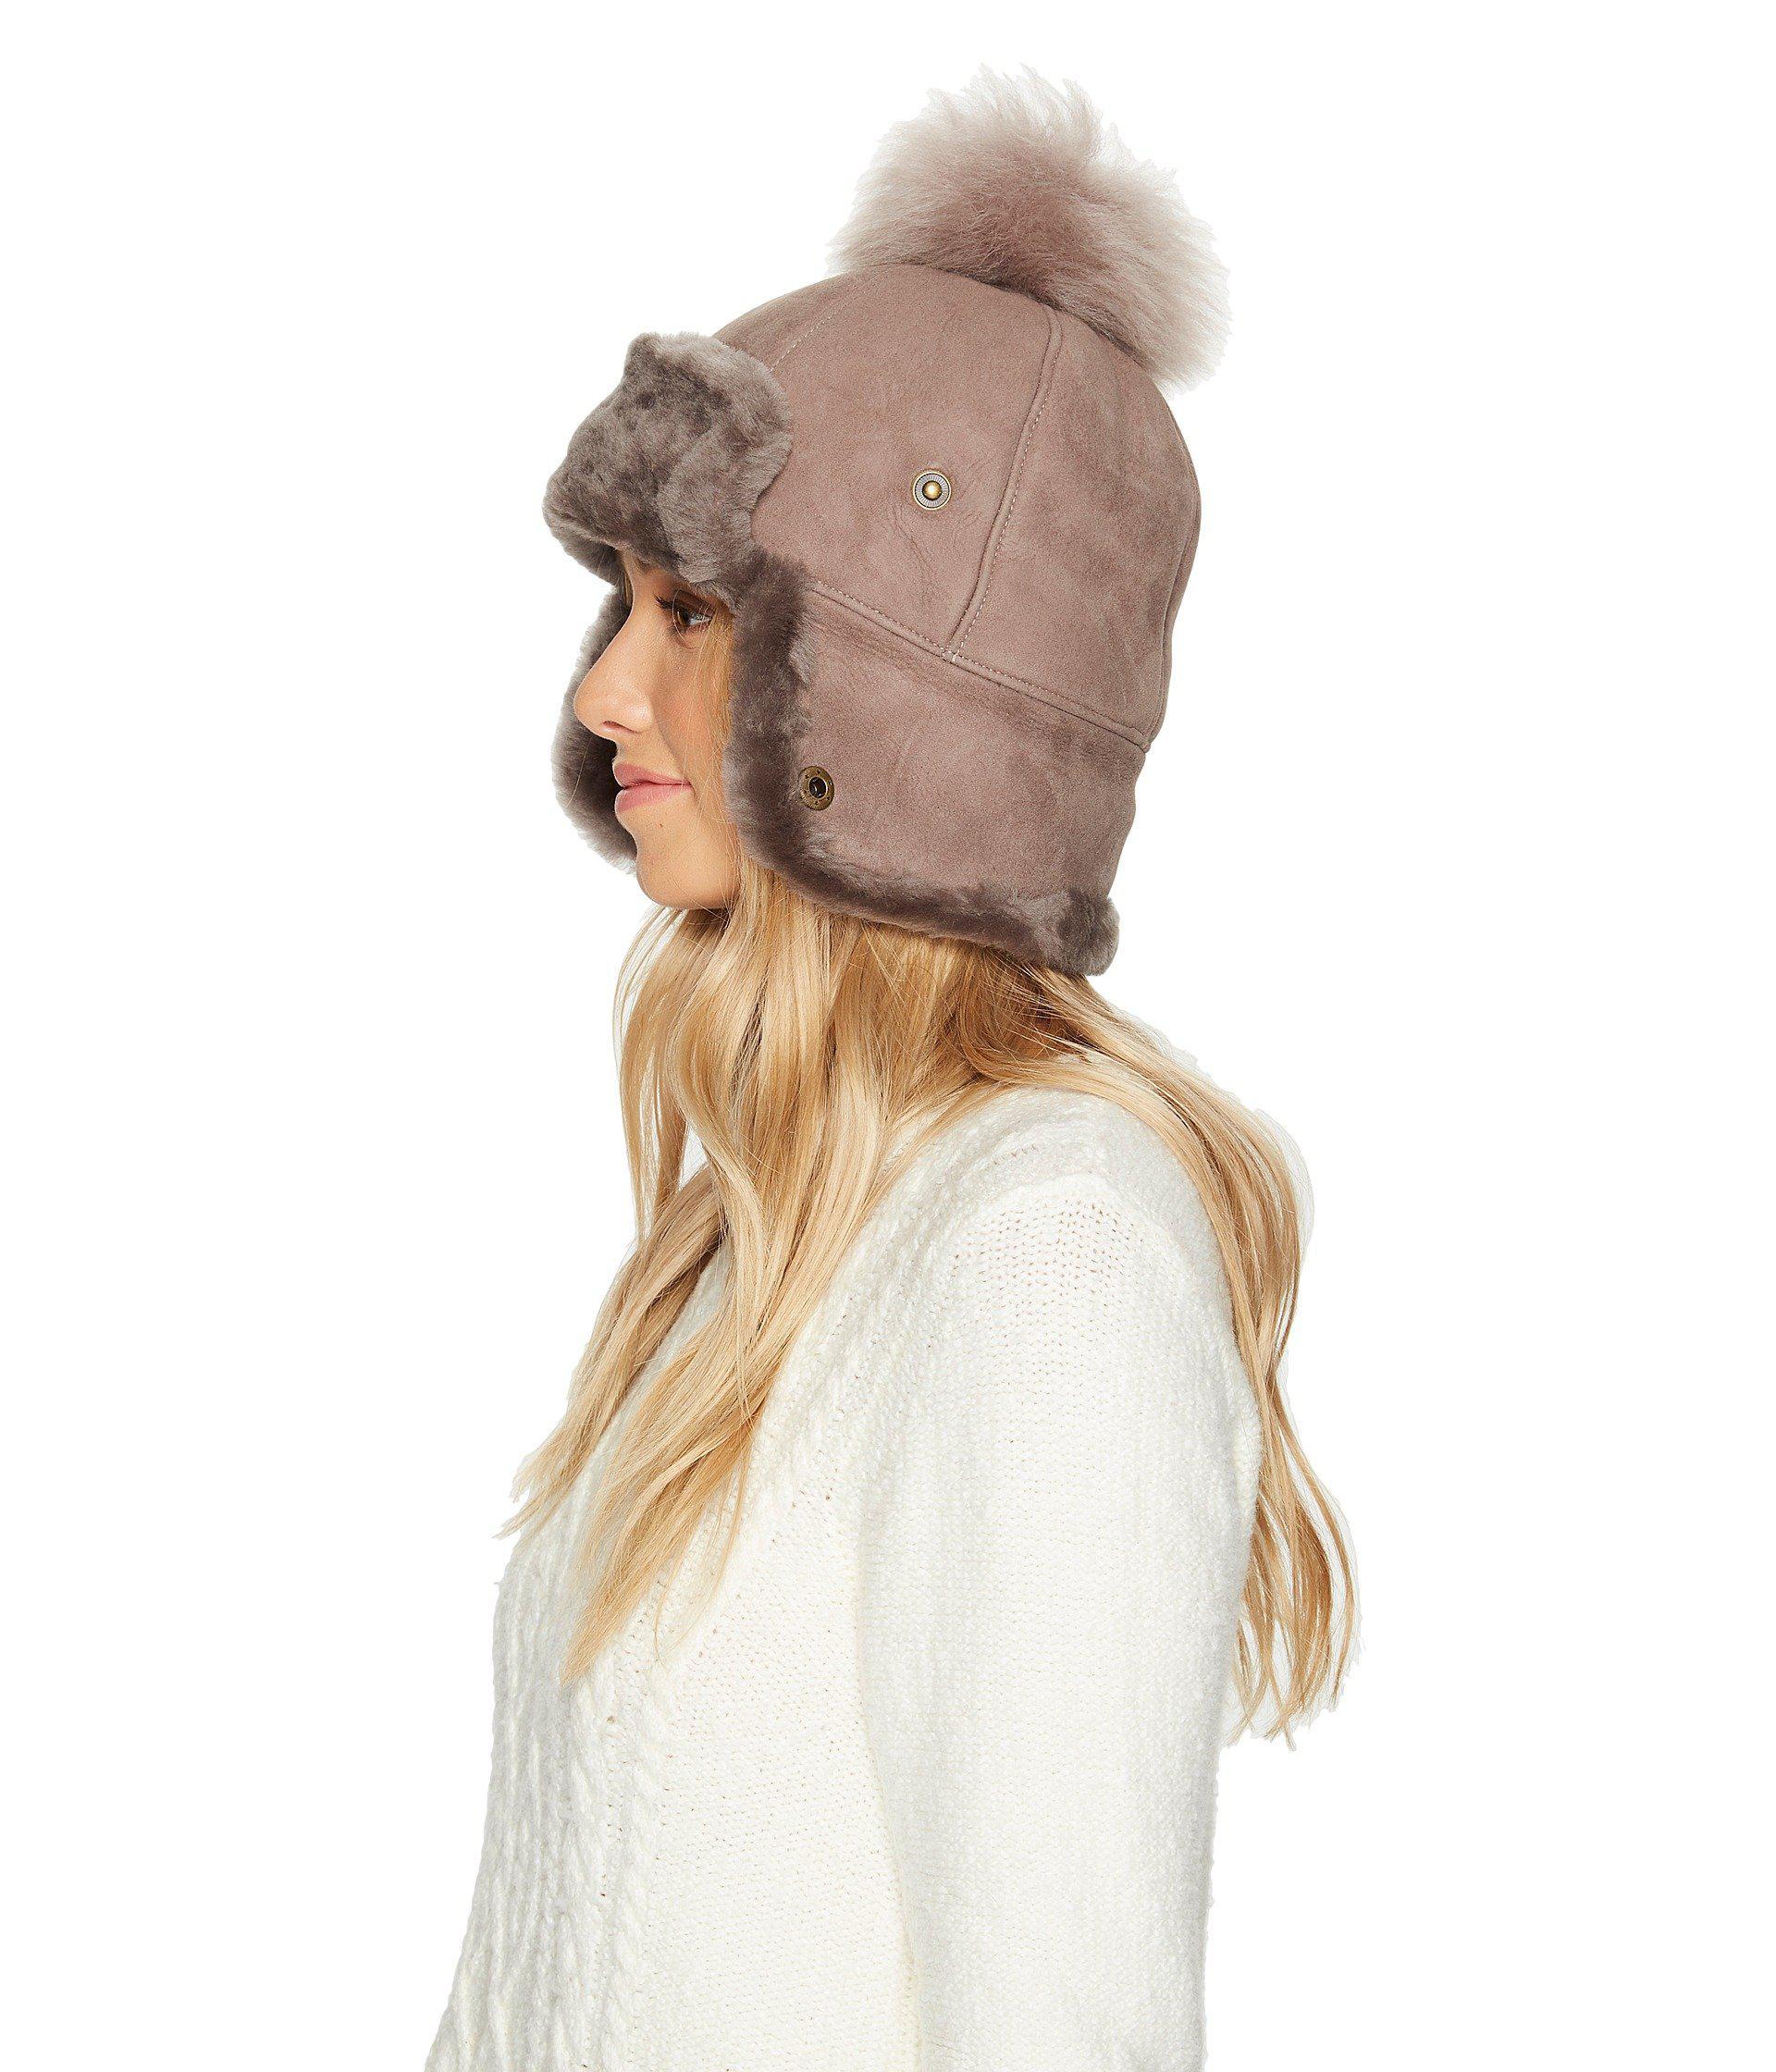 da2aac9786e Lyst - UGG Pom Waterproof Sheepskin Hat in Gray